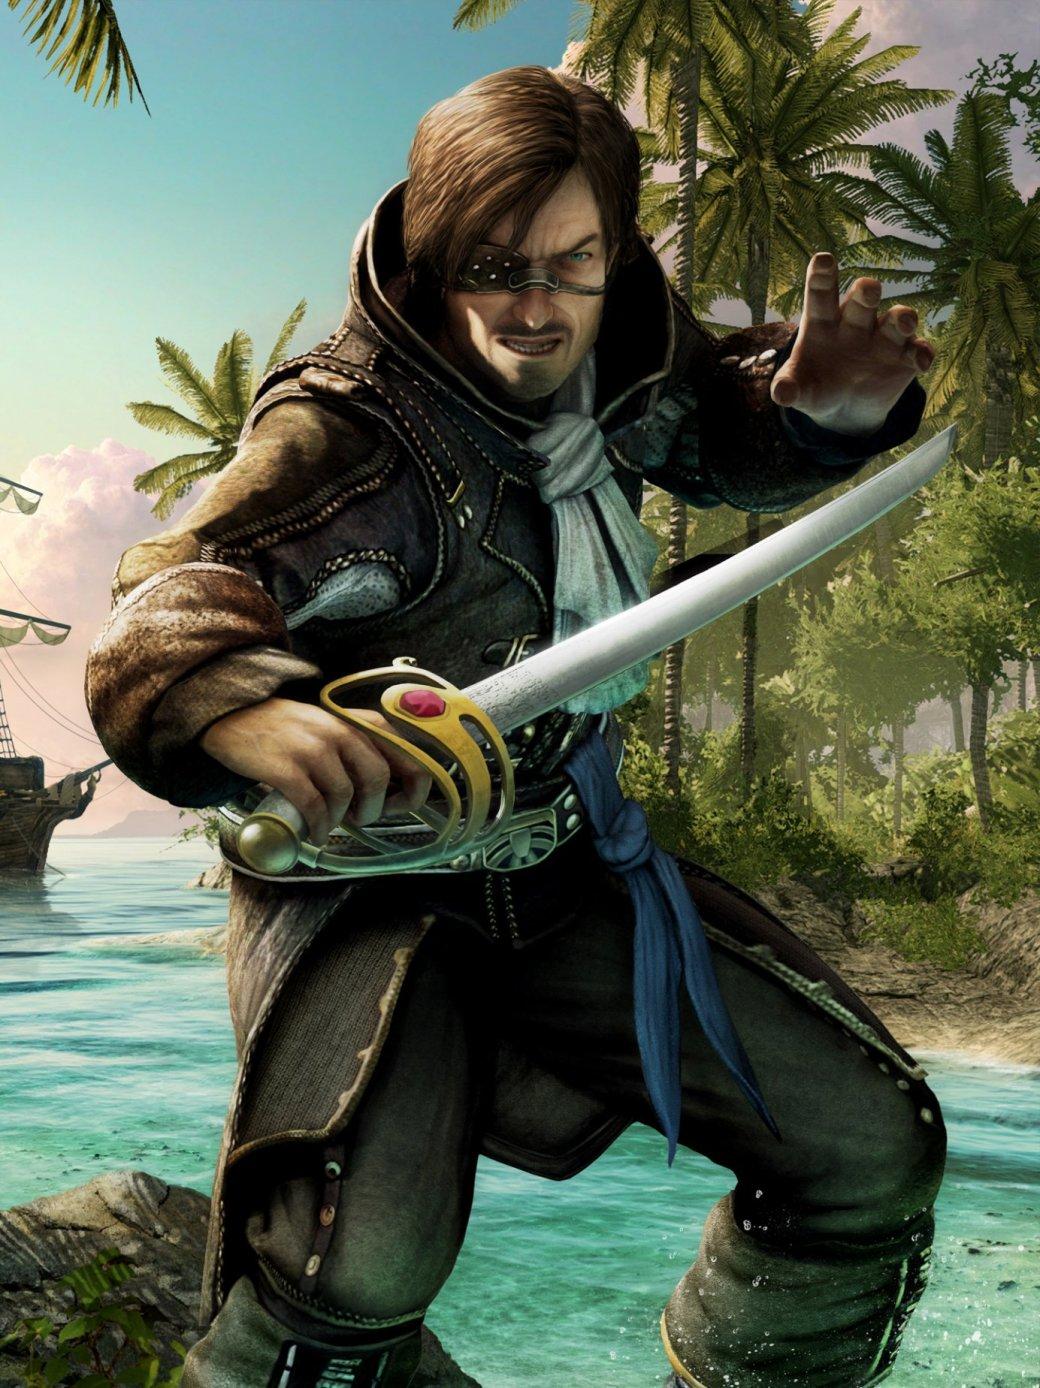 10 лучших игр про пиратов и морские приключения - Изображение 4